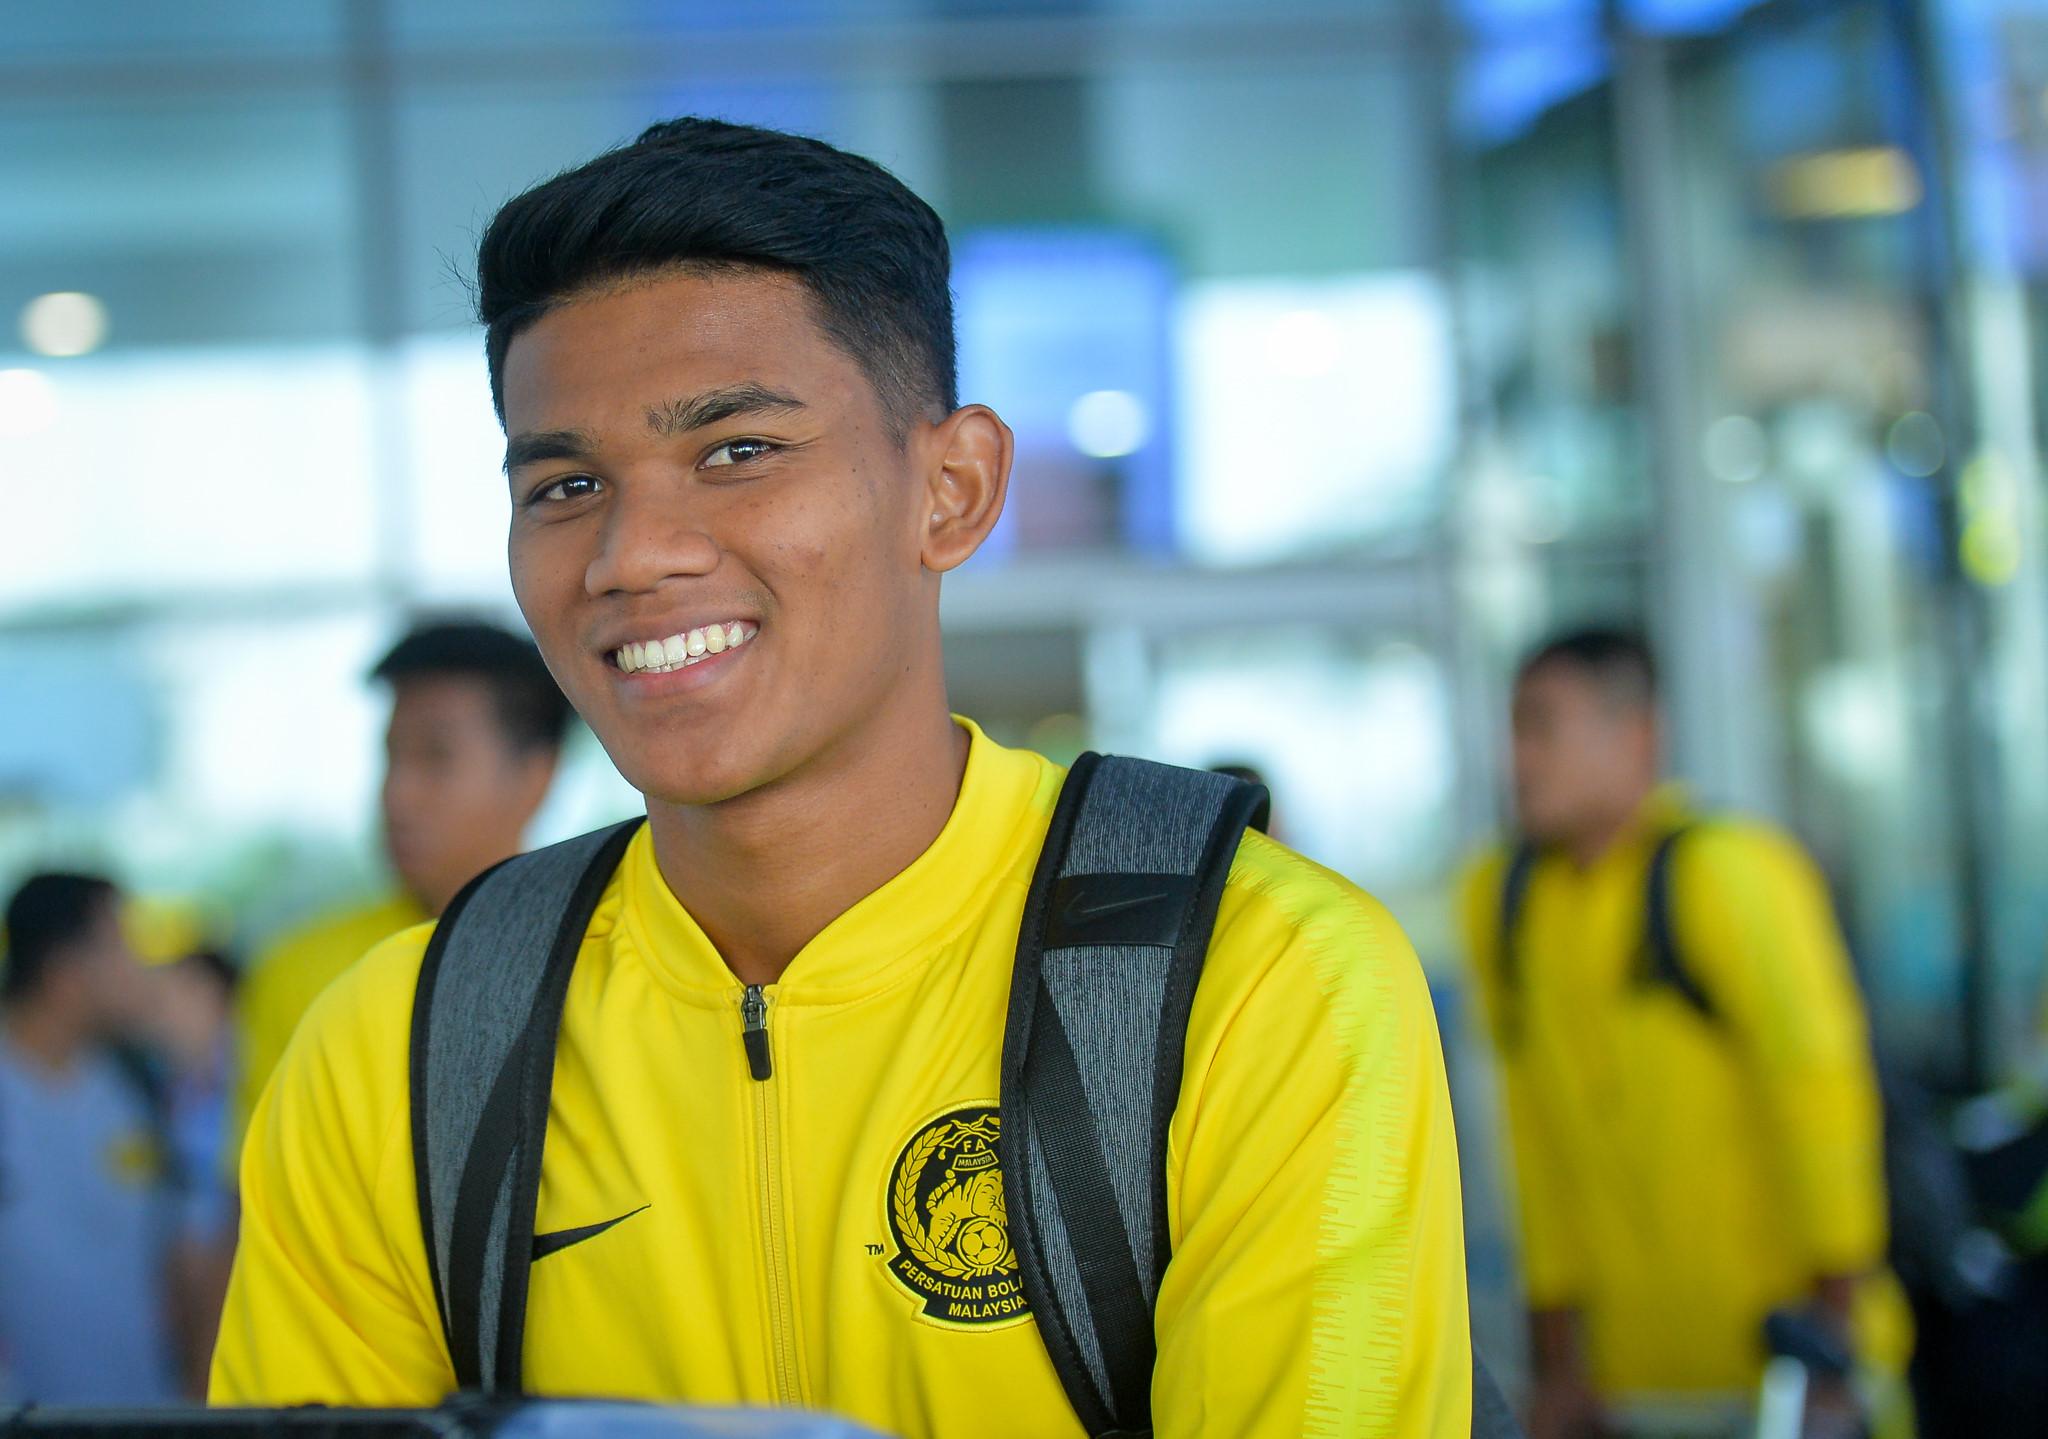 Xe buýt chở đội Malaysia bỏ quên người ở sân bay Nội Bài Ảnh 2